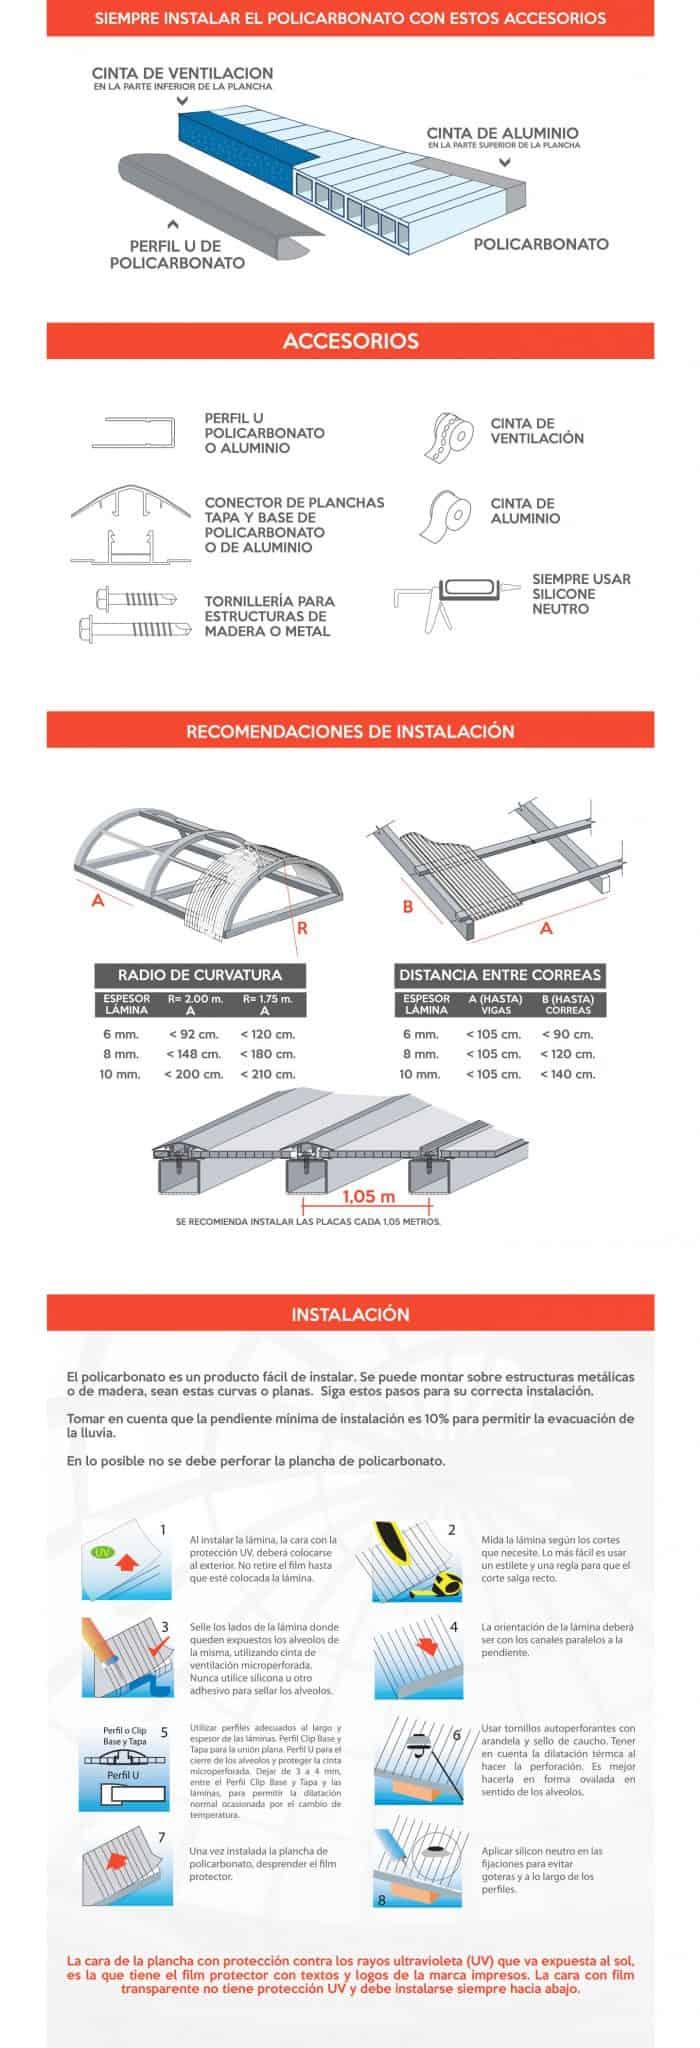 accesorios-instalacion-policarbonato